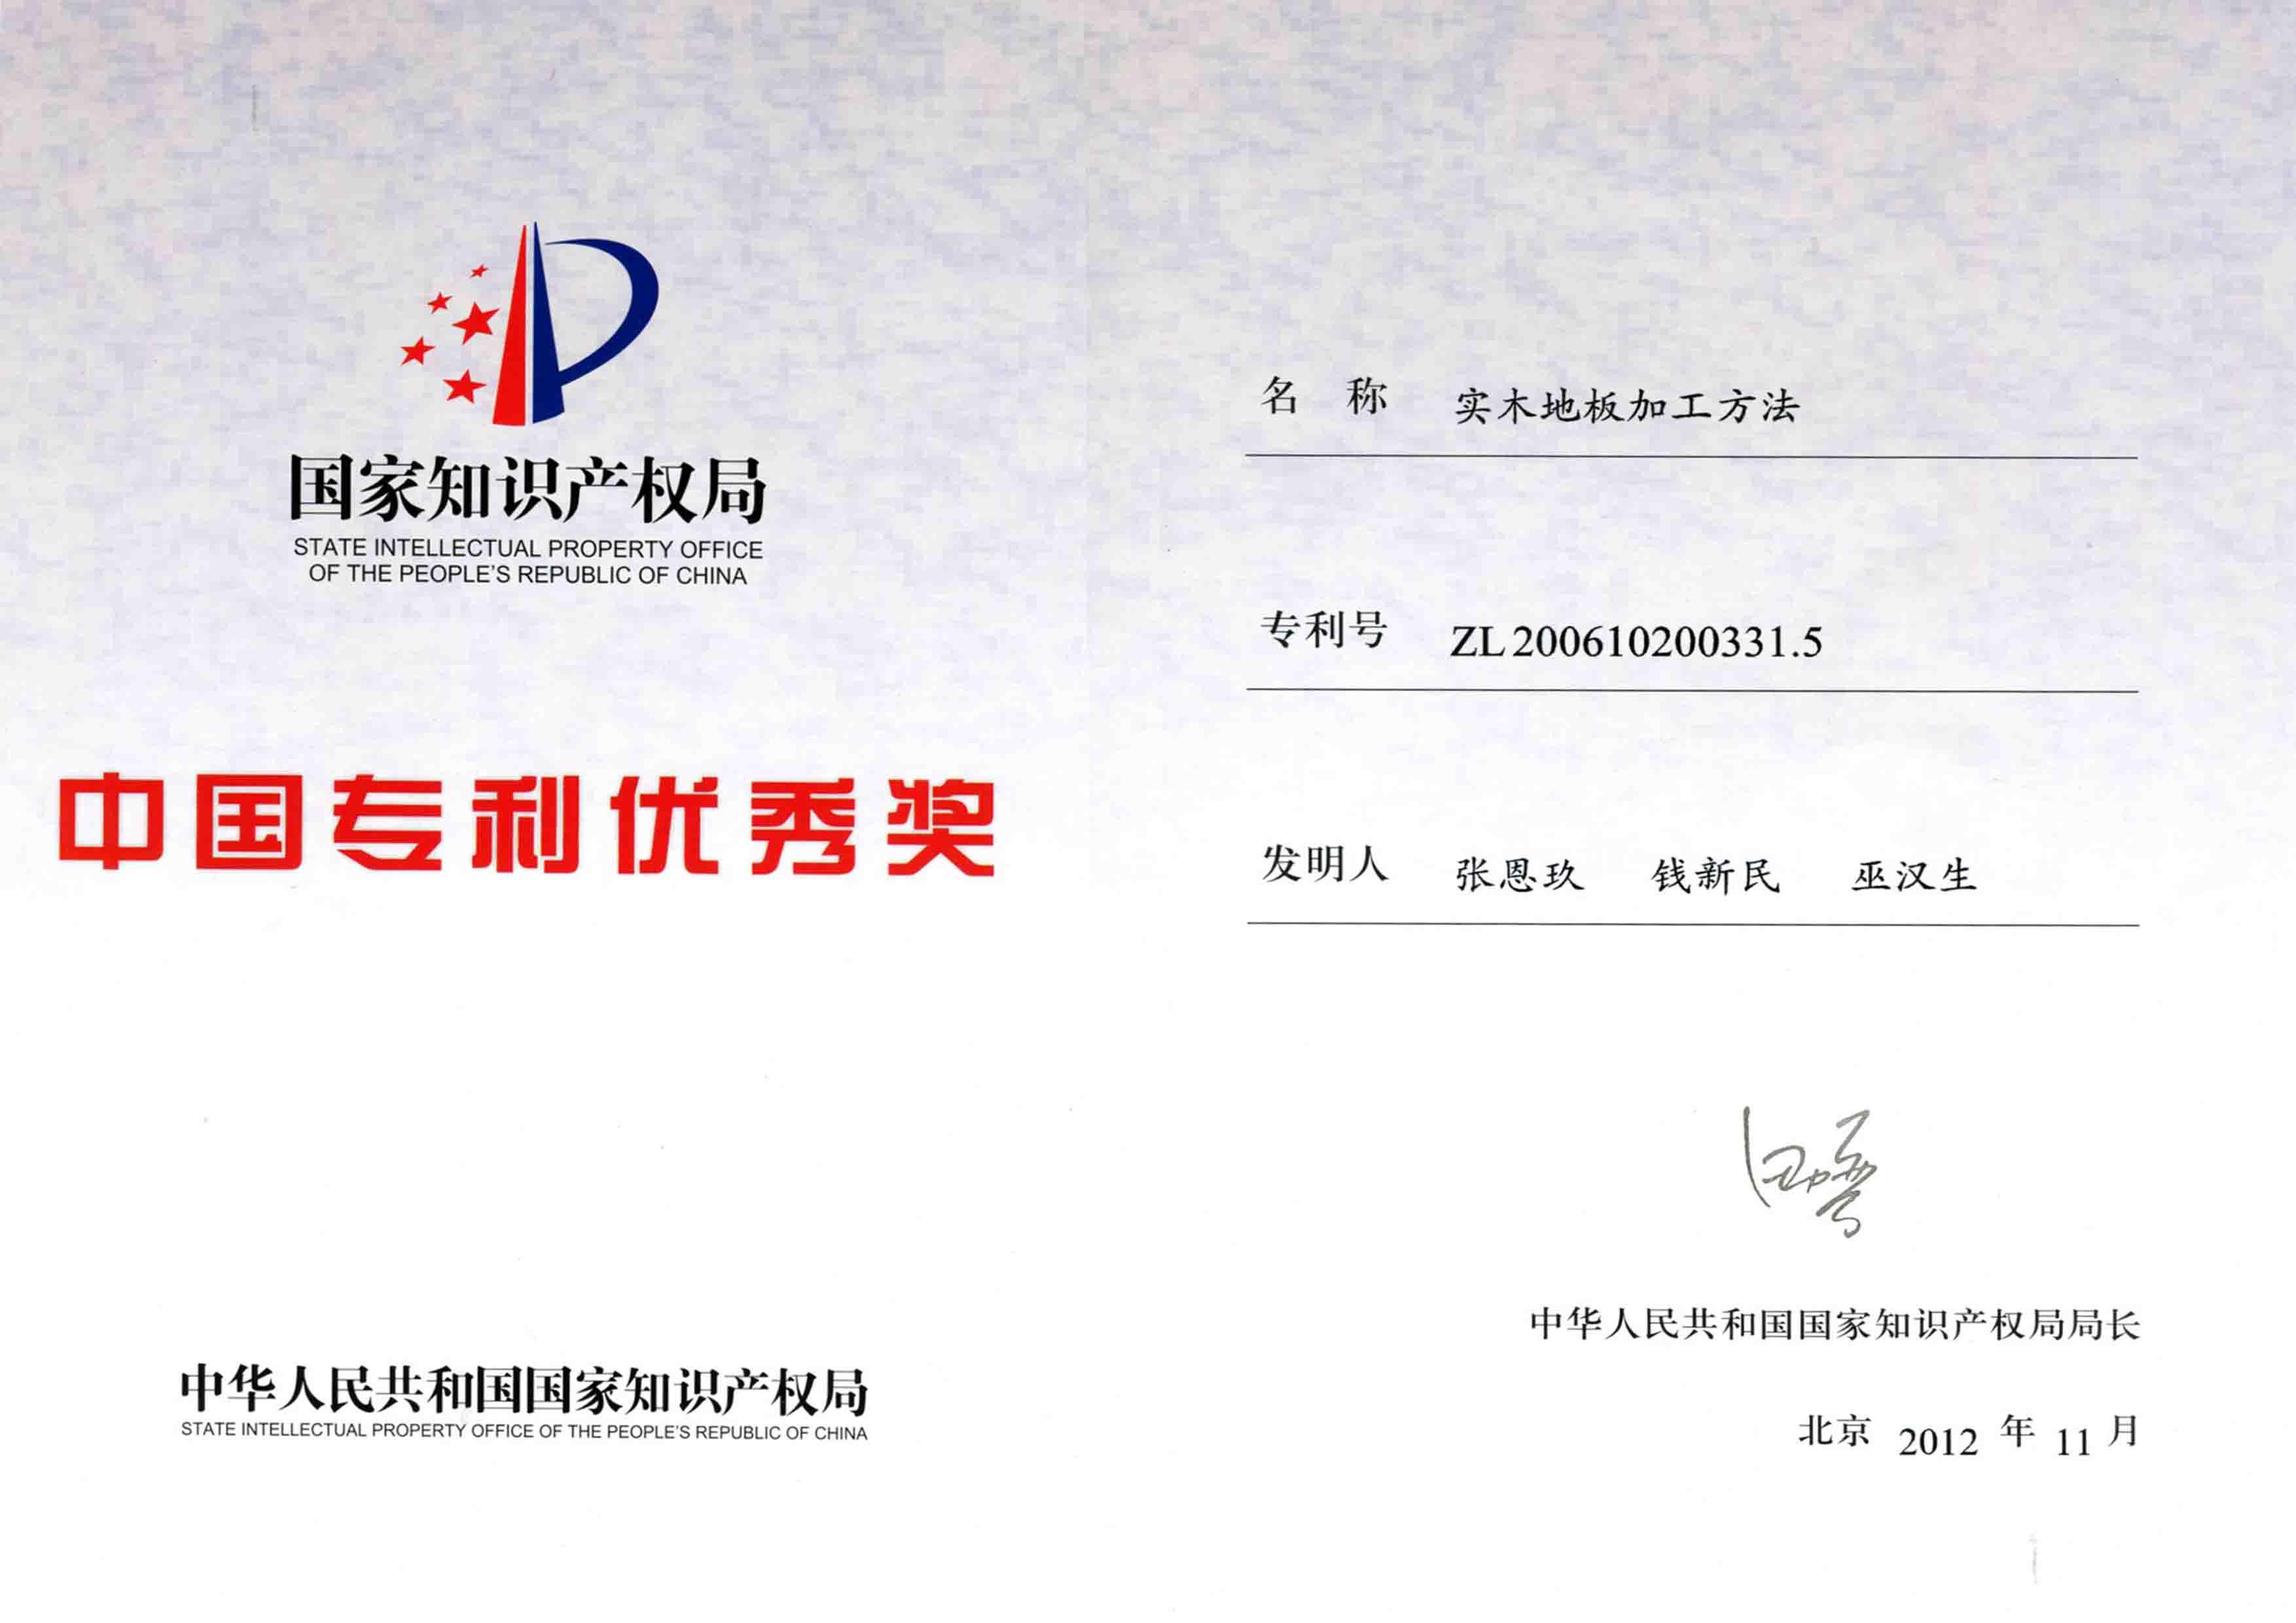 中国优秀专利奖.jpg